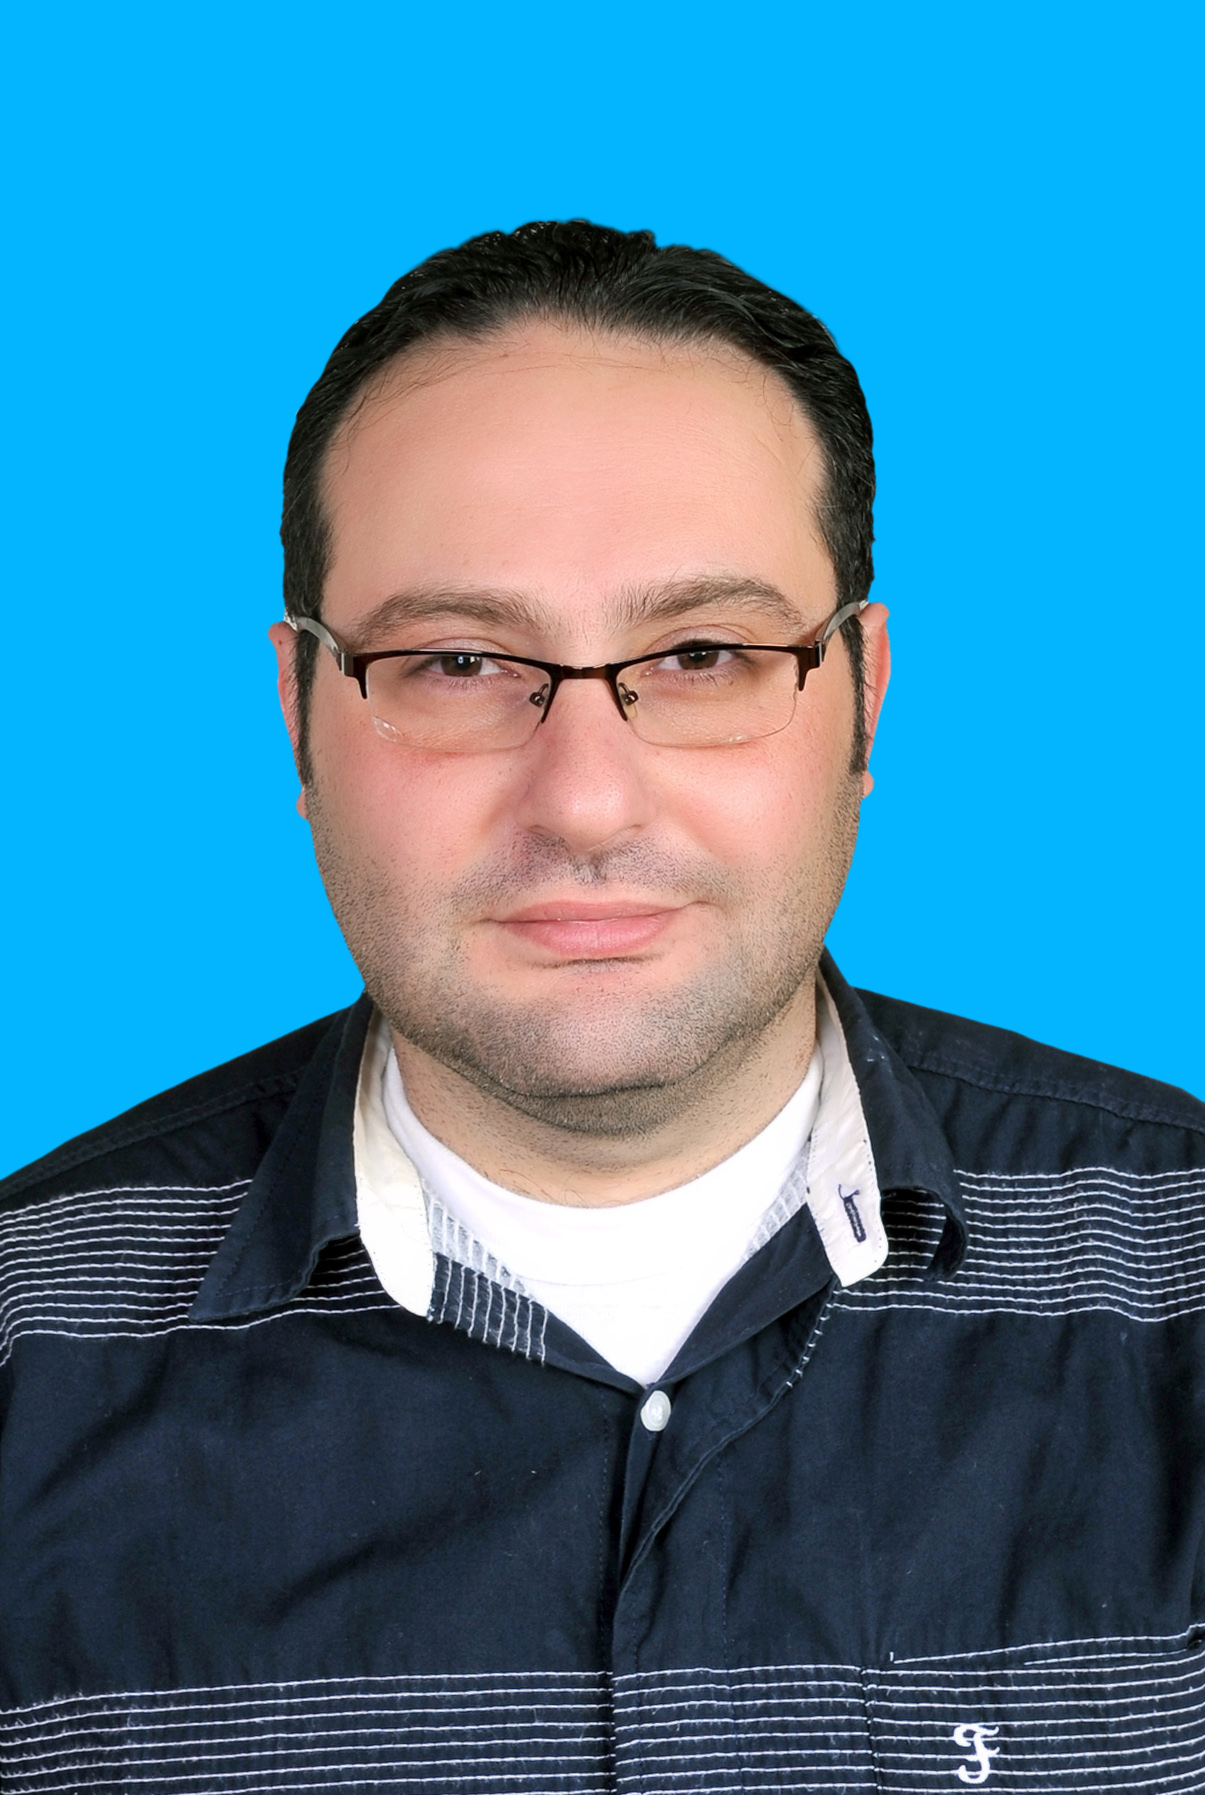 Abdallah Abormealeh